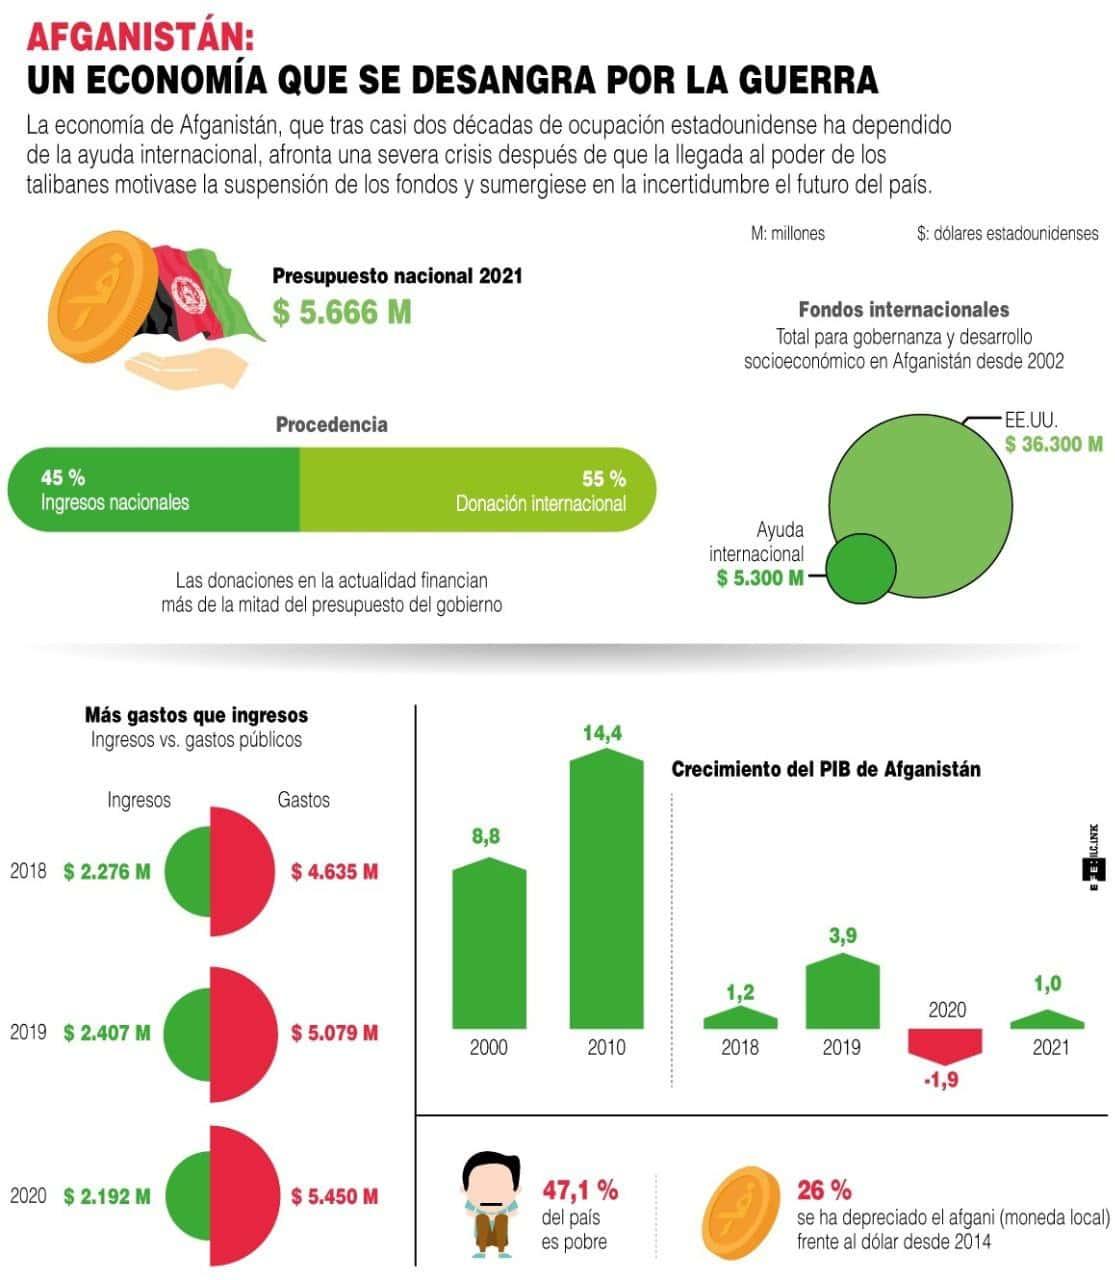 [Infografía] La economía de Afganistán, al borde del colapso por el boicot a los talibanes 1